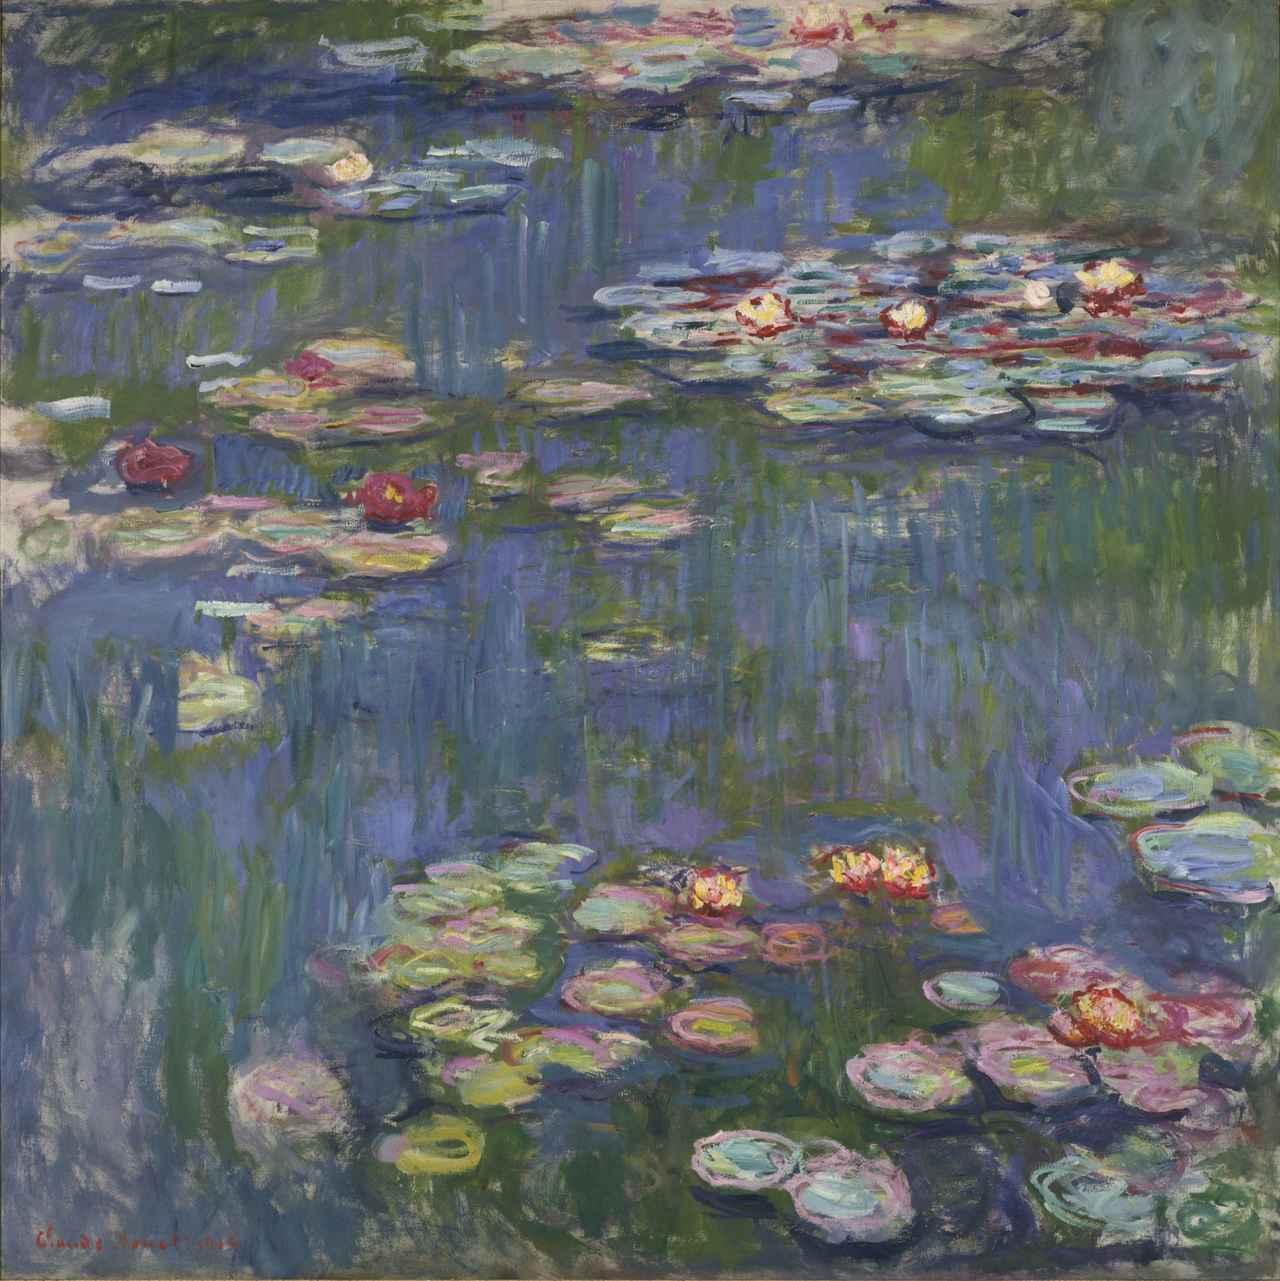 画像: クロード・モネ《睡蓮》 1916年 油彩、カンヴァス 国立西洋美術館(松方コレクション)